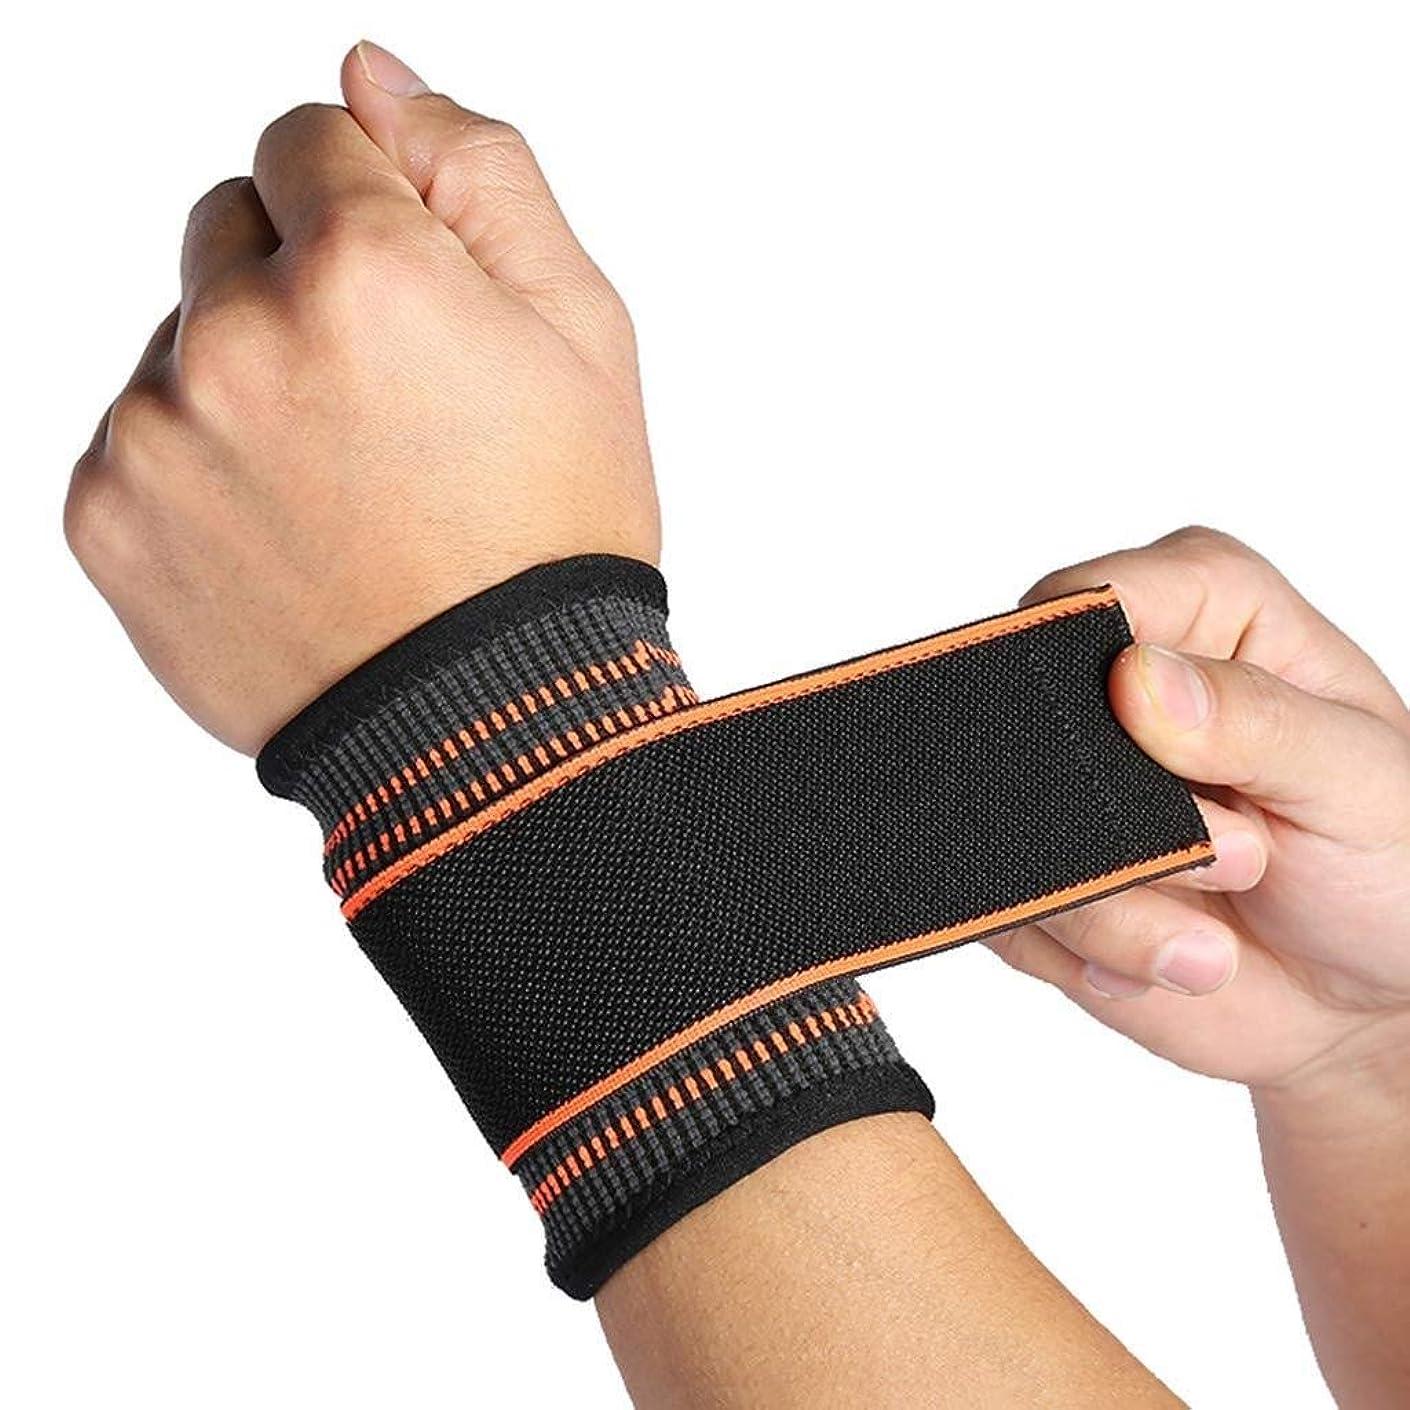 サラミ発症みぞれ調節可能なコンプレッションストラップ - 伸縮性と 生地 - テニス、スポーツ、エクササイズのためのサポートスリーブ - 男性、女性、右または左 (Color : Orange)